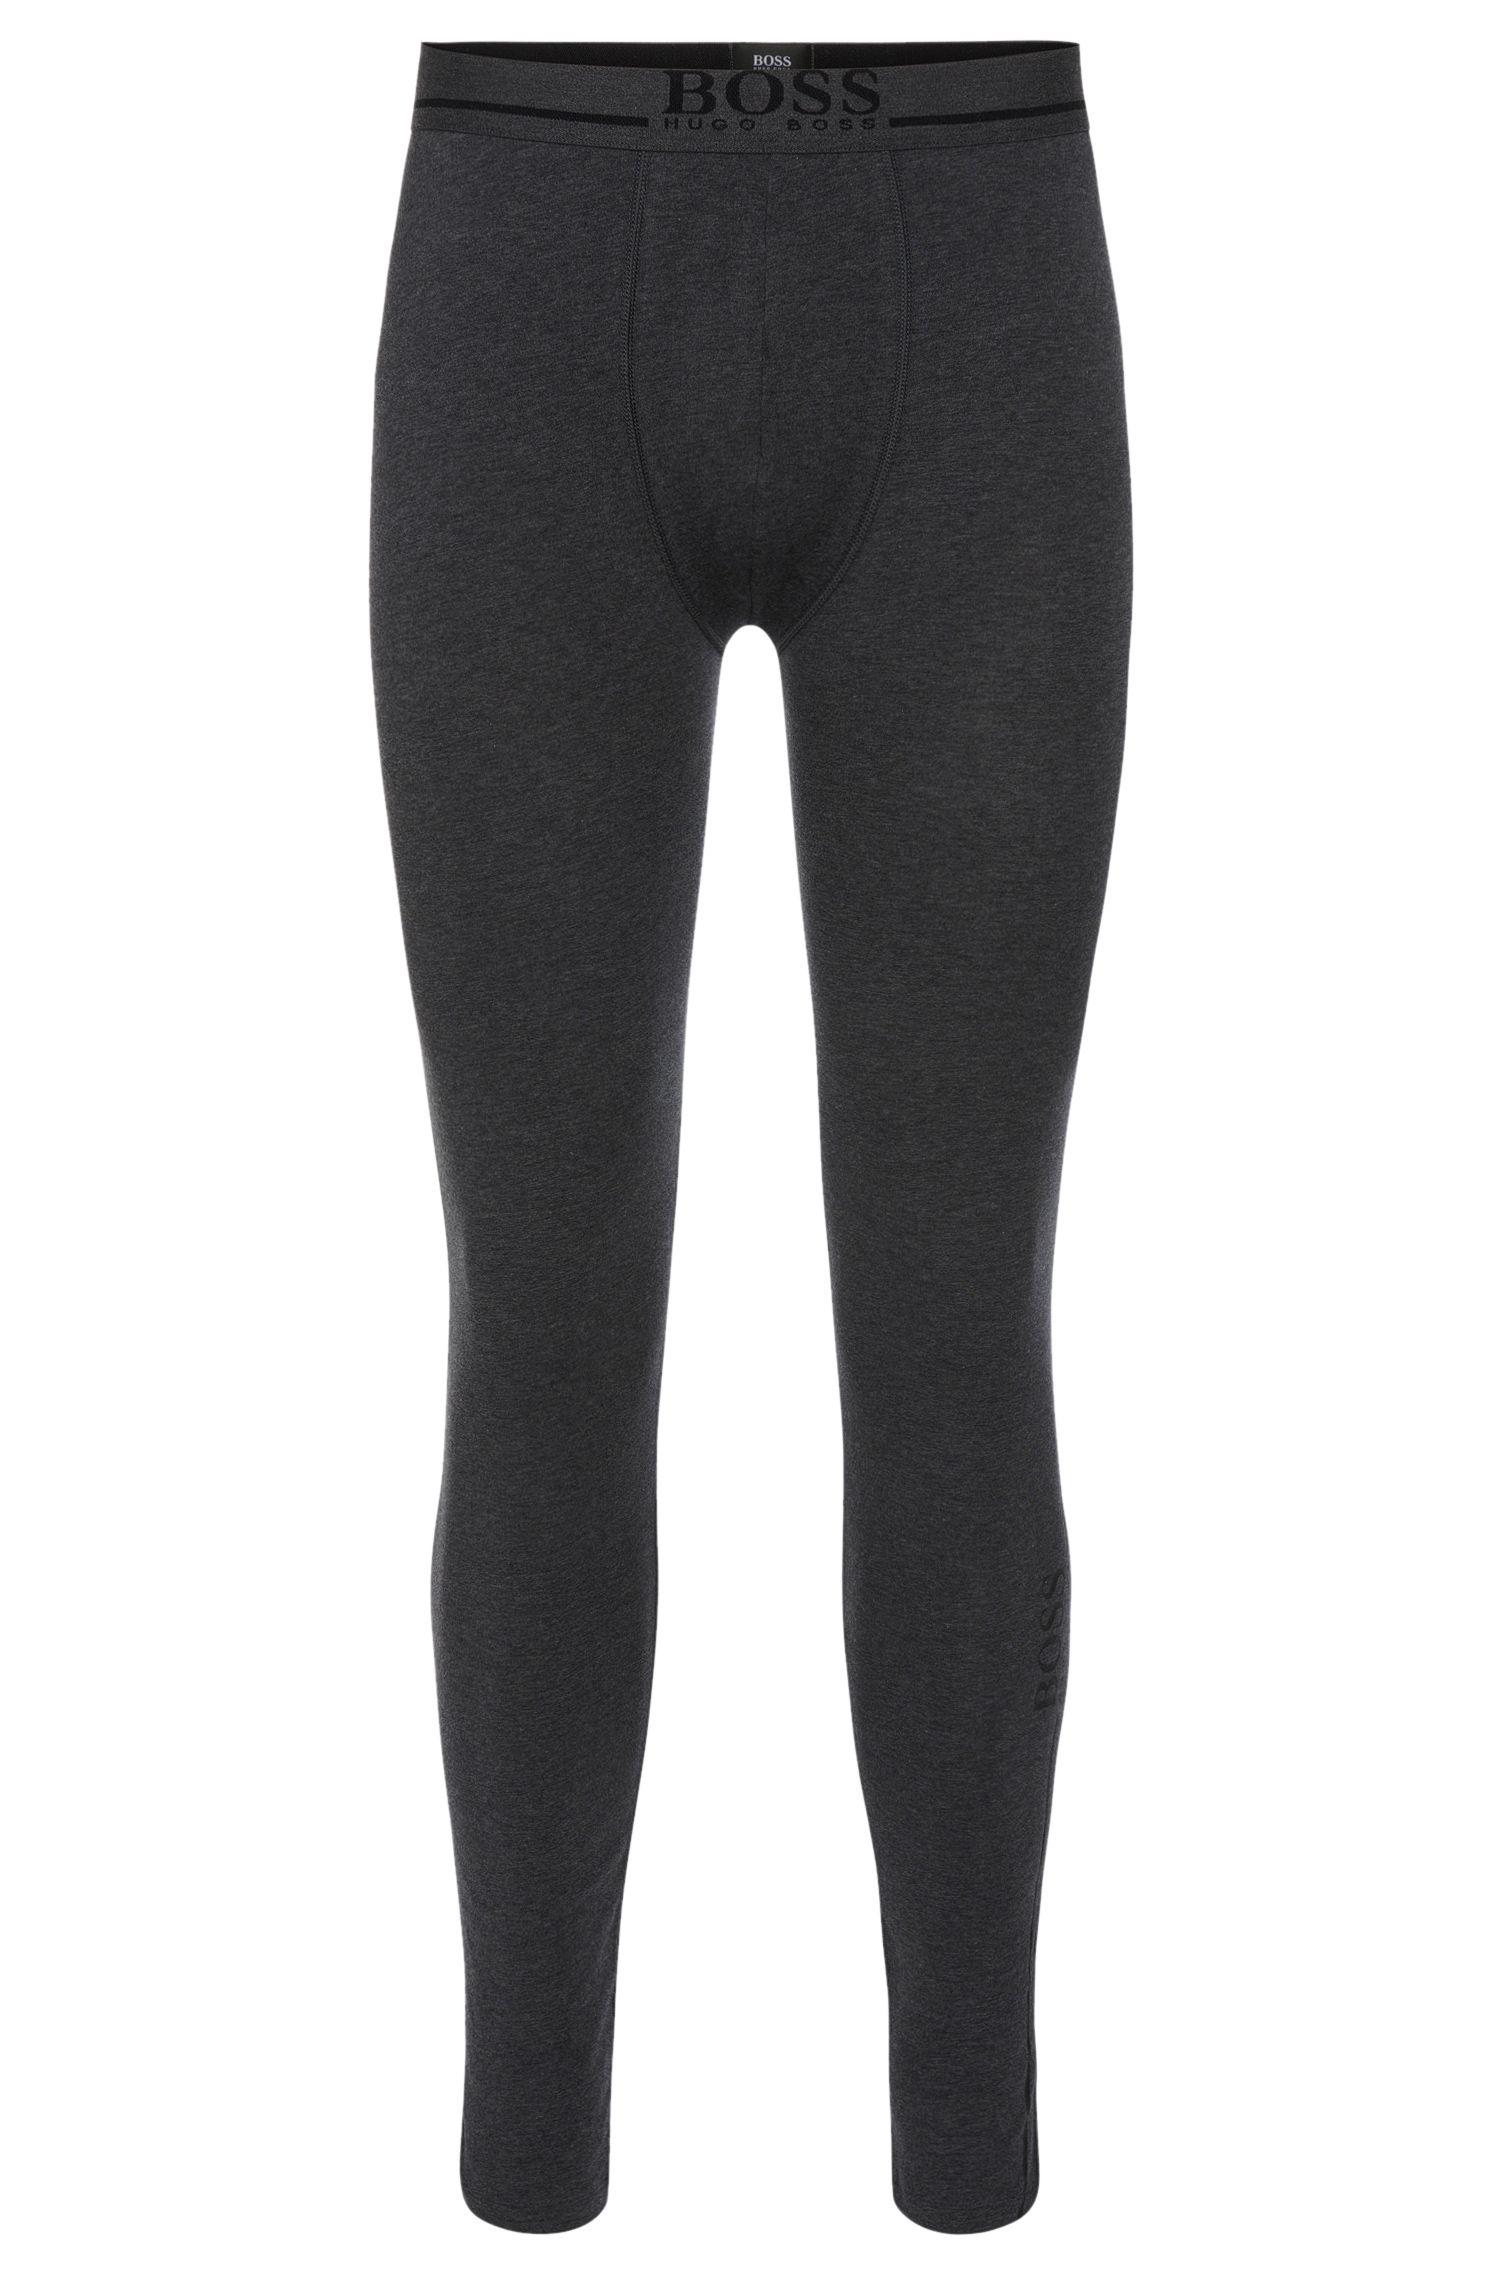 'Long John 24 Logo' | Stretch Cotton Long John Pants